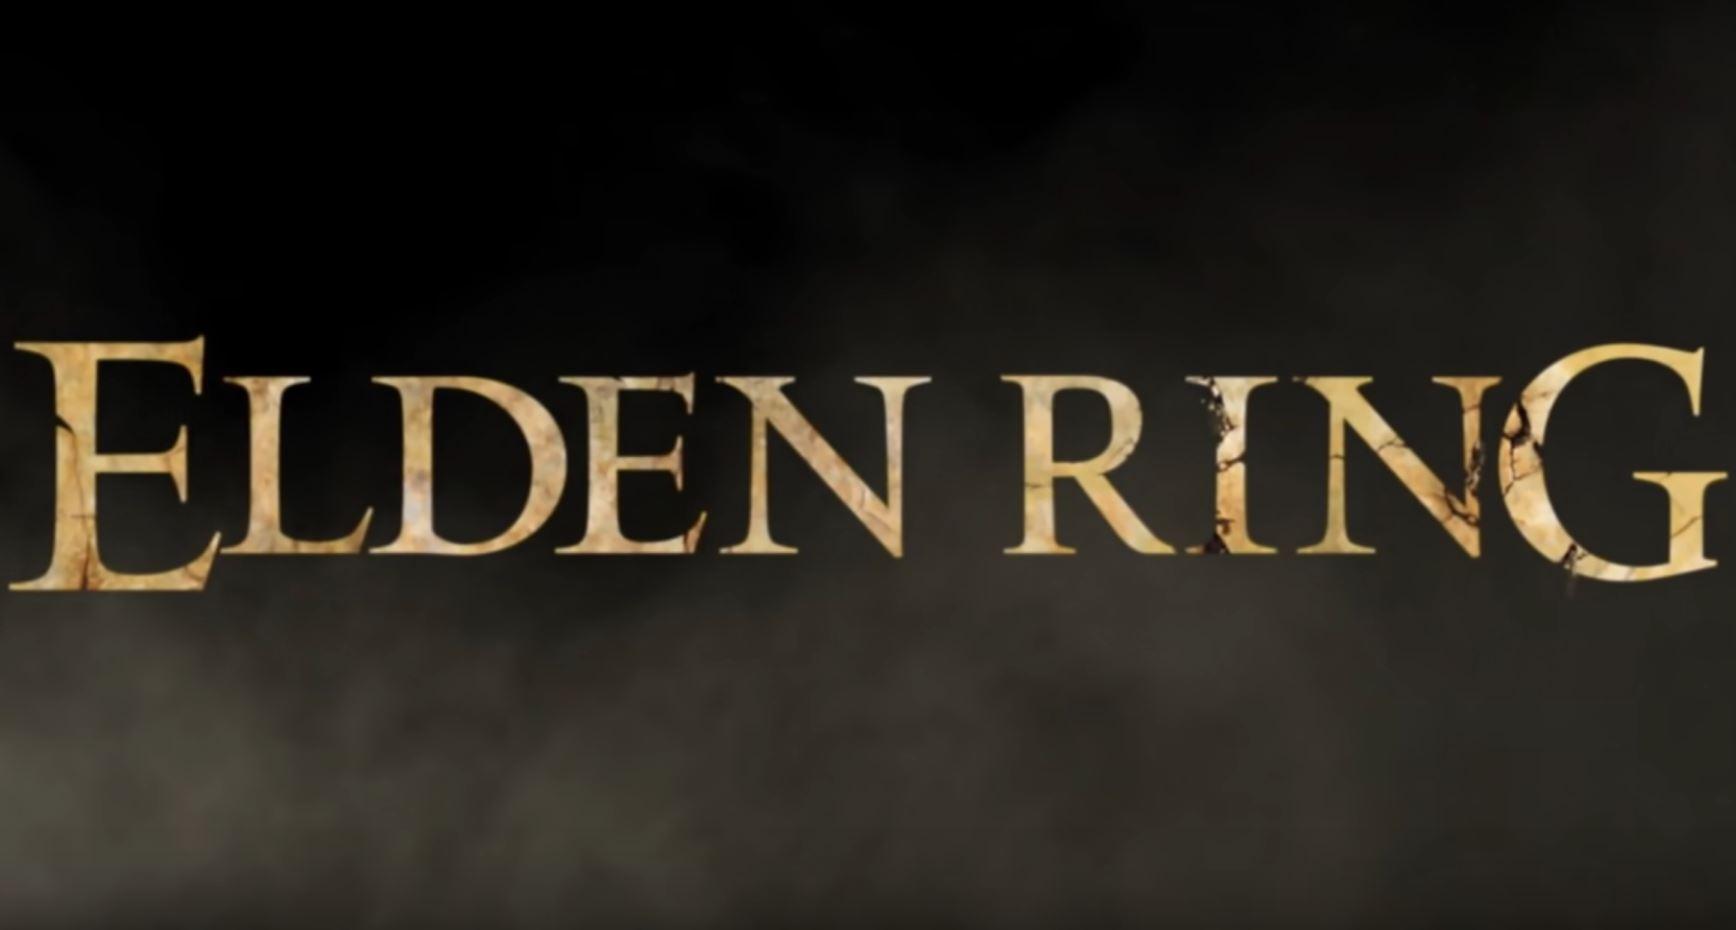 Elden Ring - PlayStation Universe